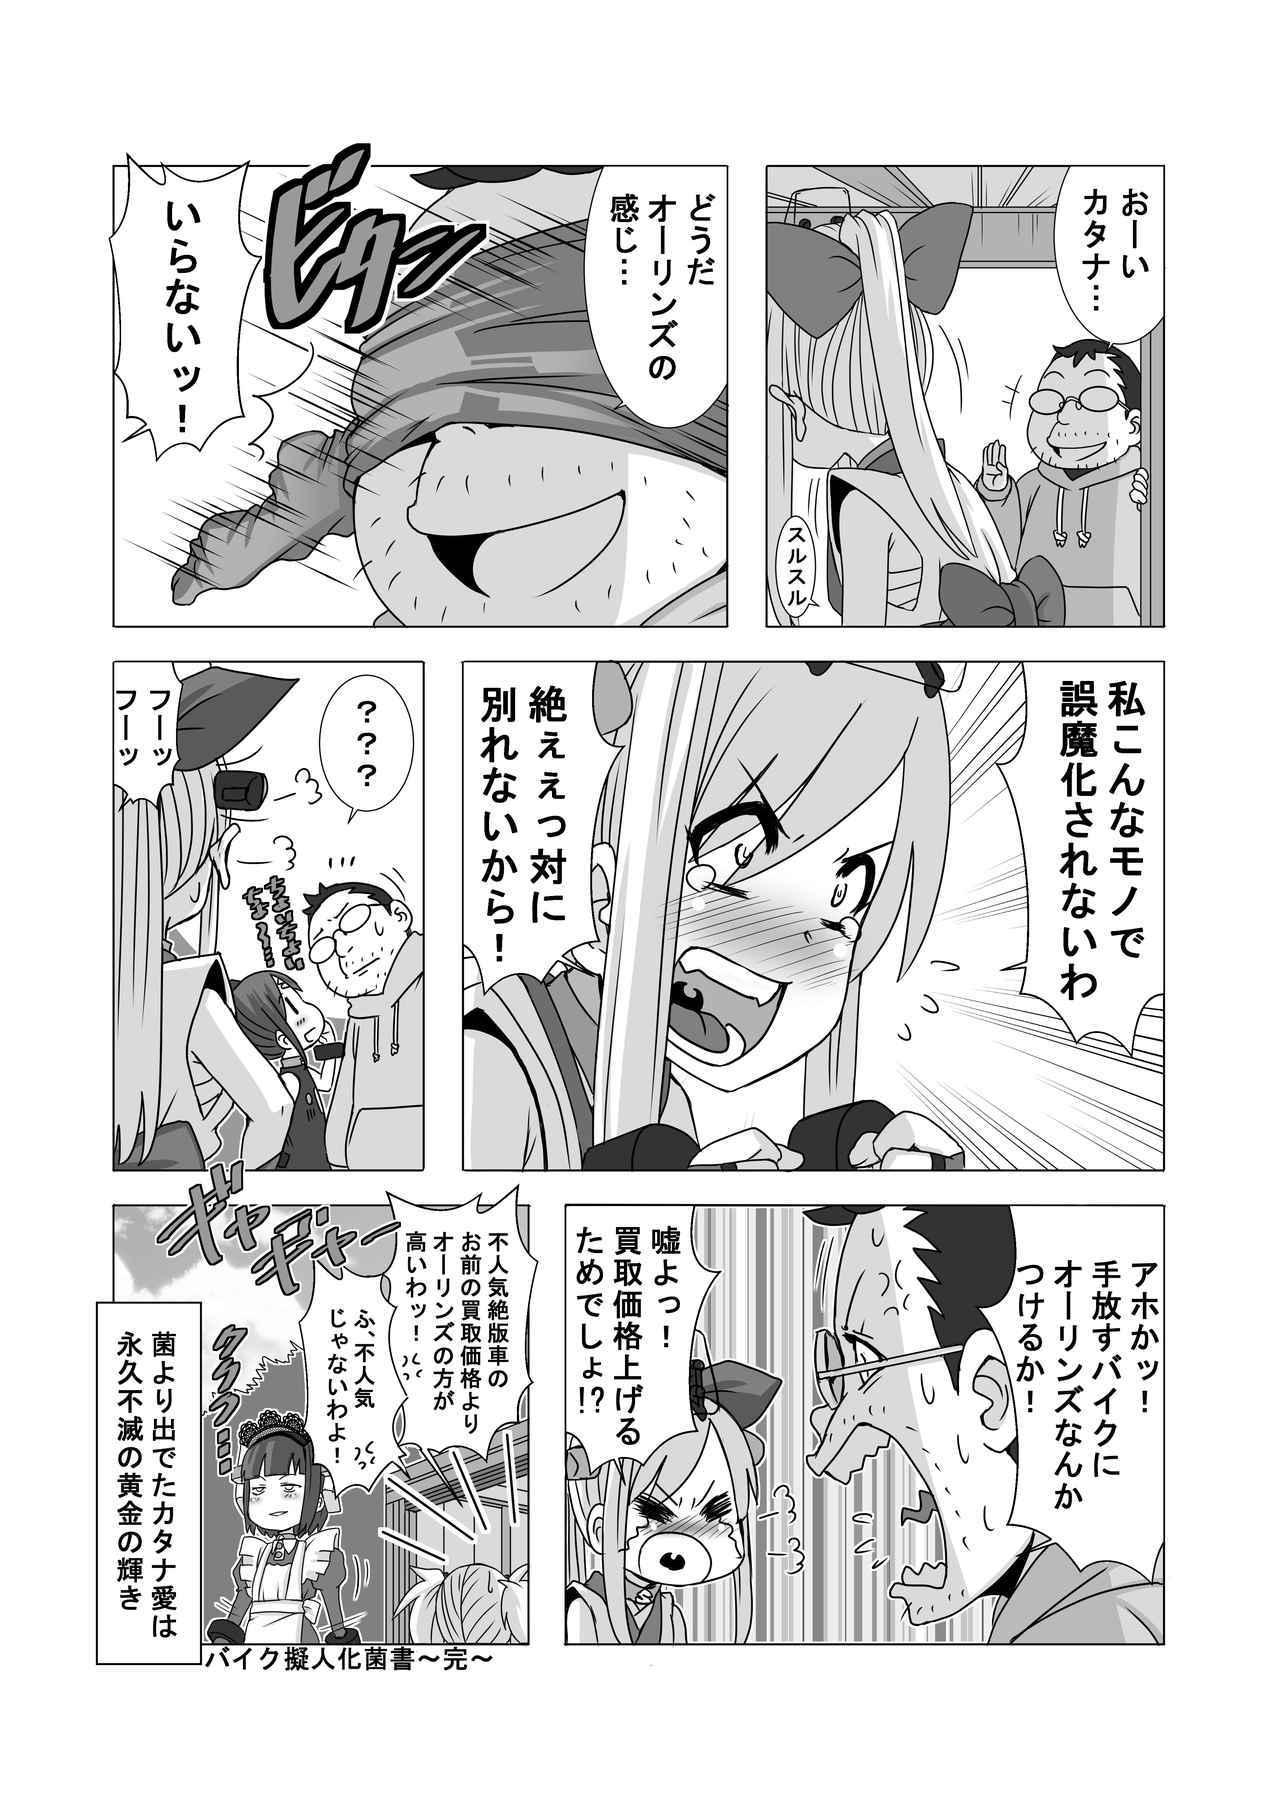 画像4: 『バイク擬人化菌書』最終話「400カタナよ永遠に」 作:鈴木秀吉